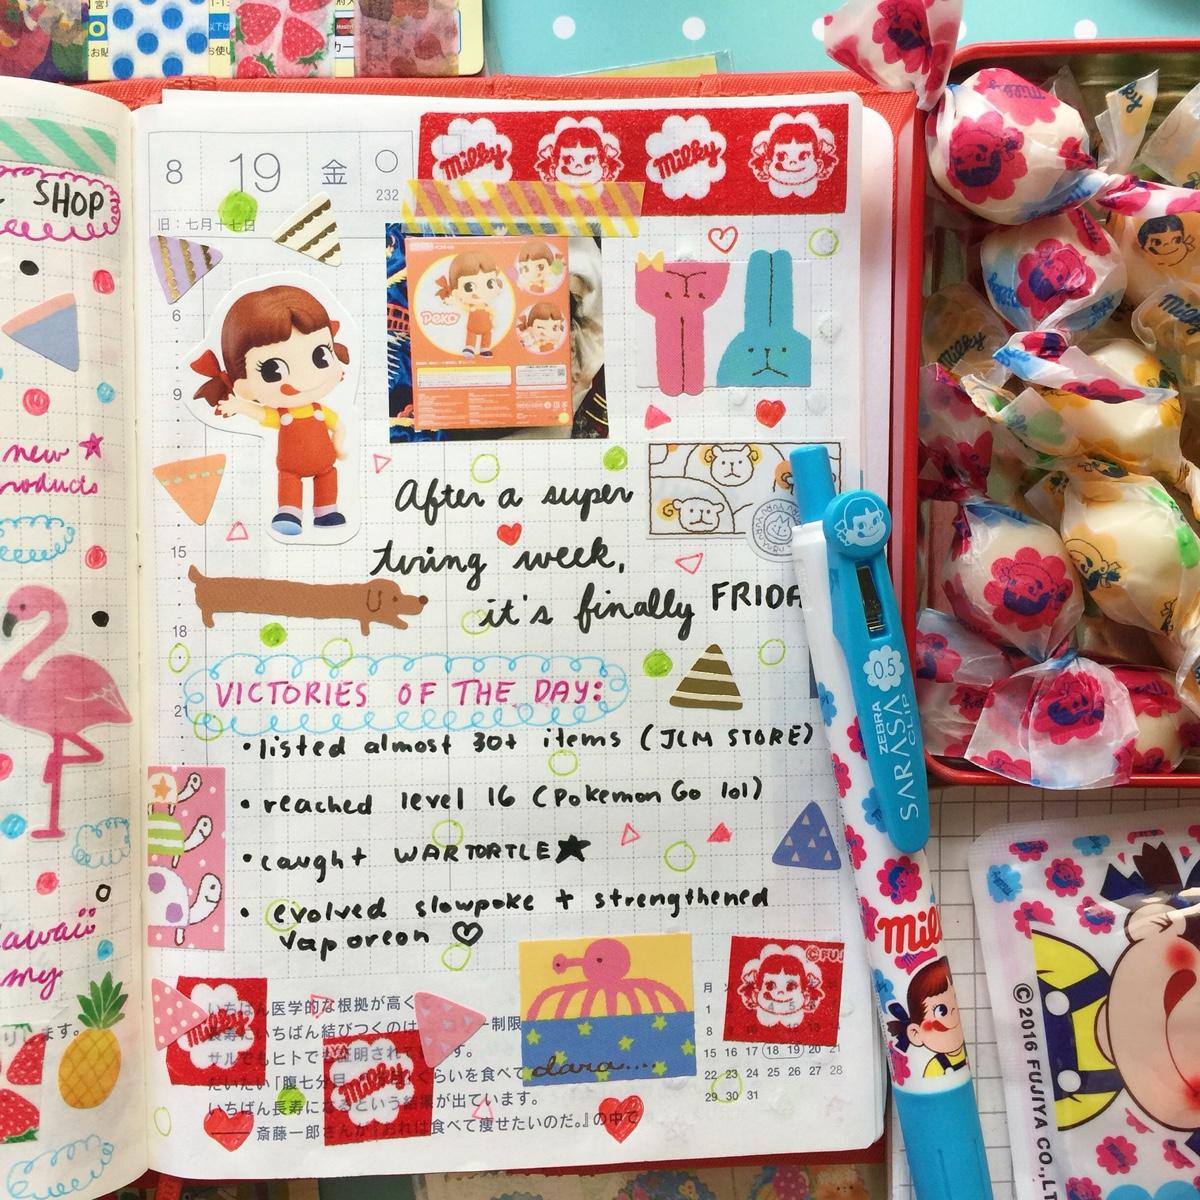 pekochan-kawaii-hobonichi-journal-diary.jpg